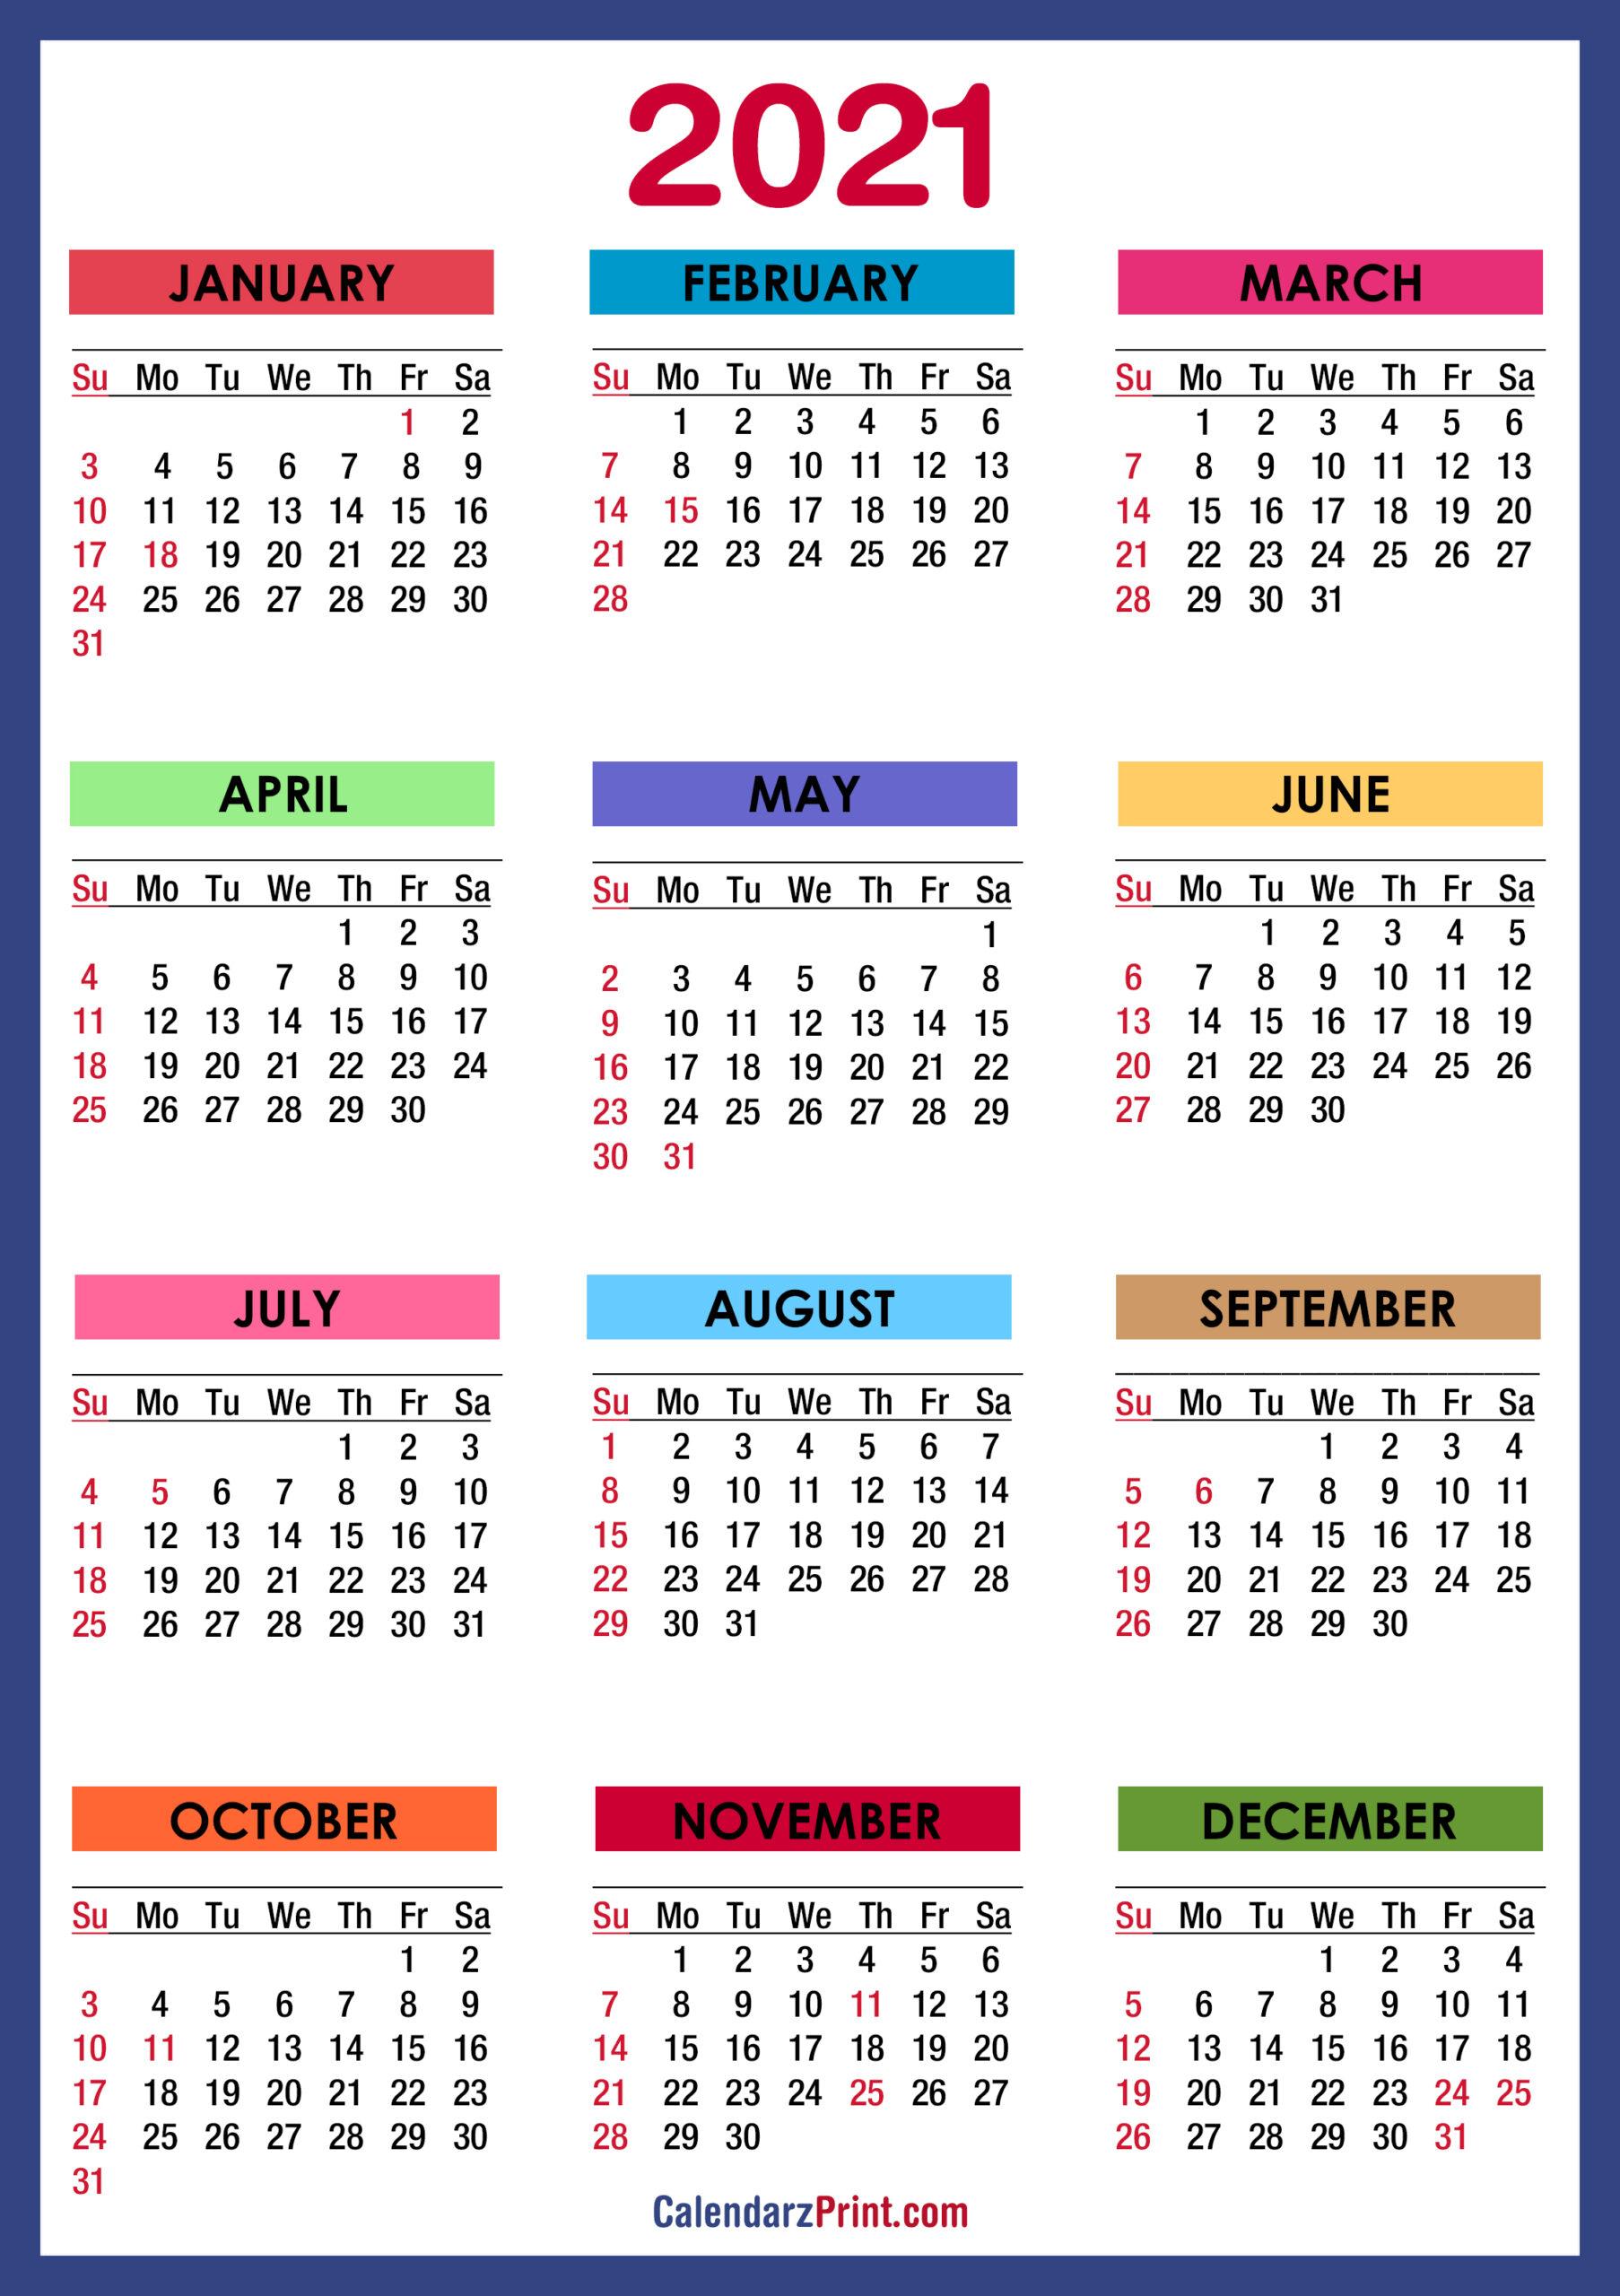 2021 Calendar Printable Pdf With Holidays | 2021 Printable with Printable Calendars 2021 Sunday To Saturday